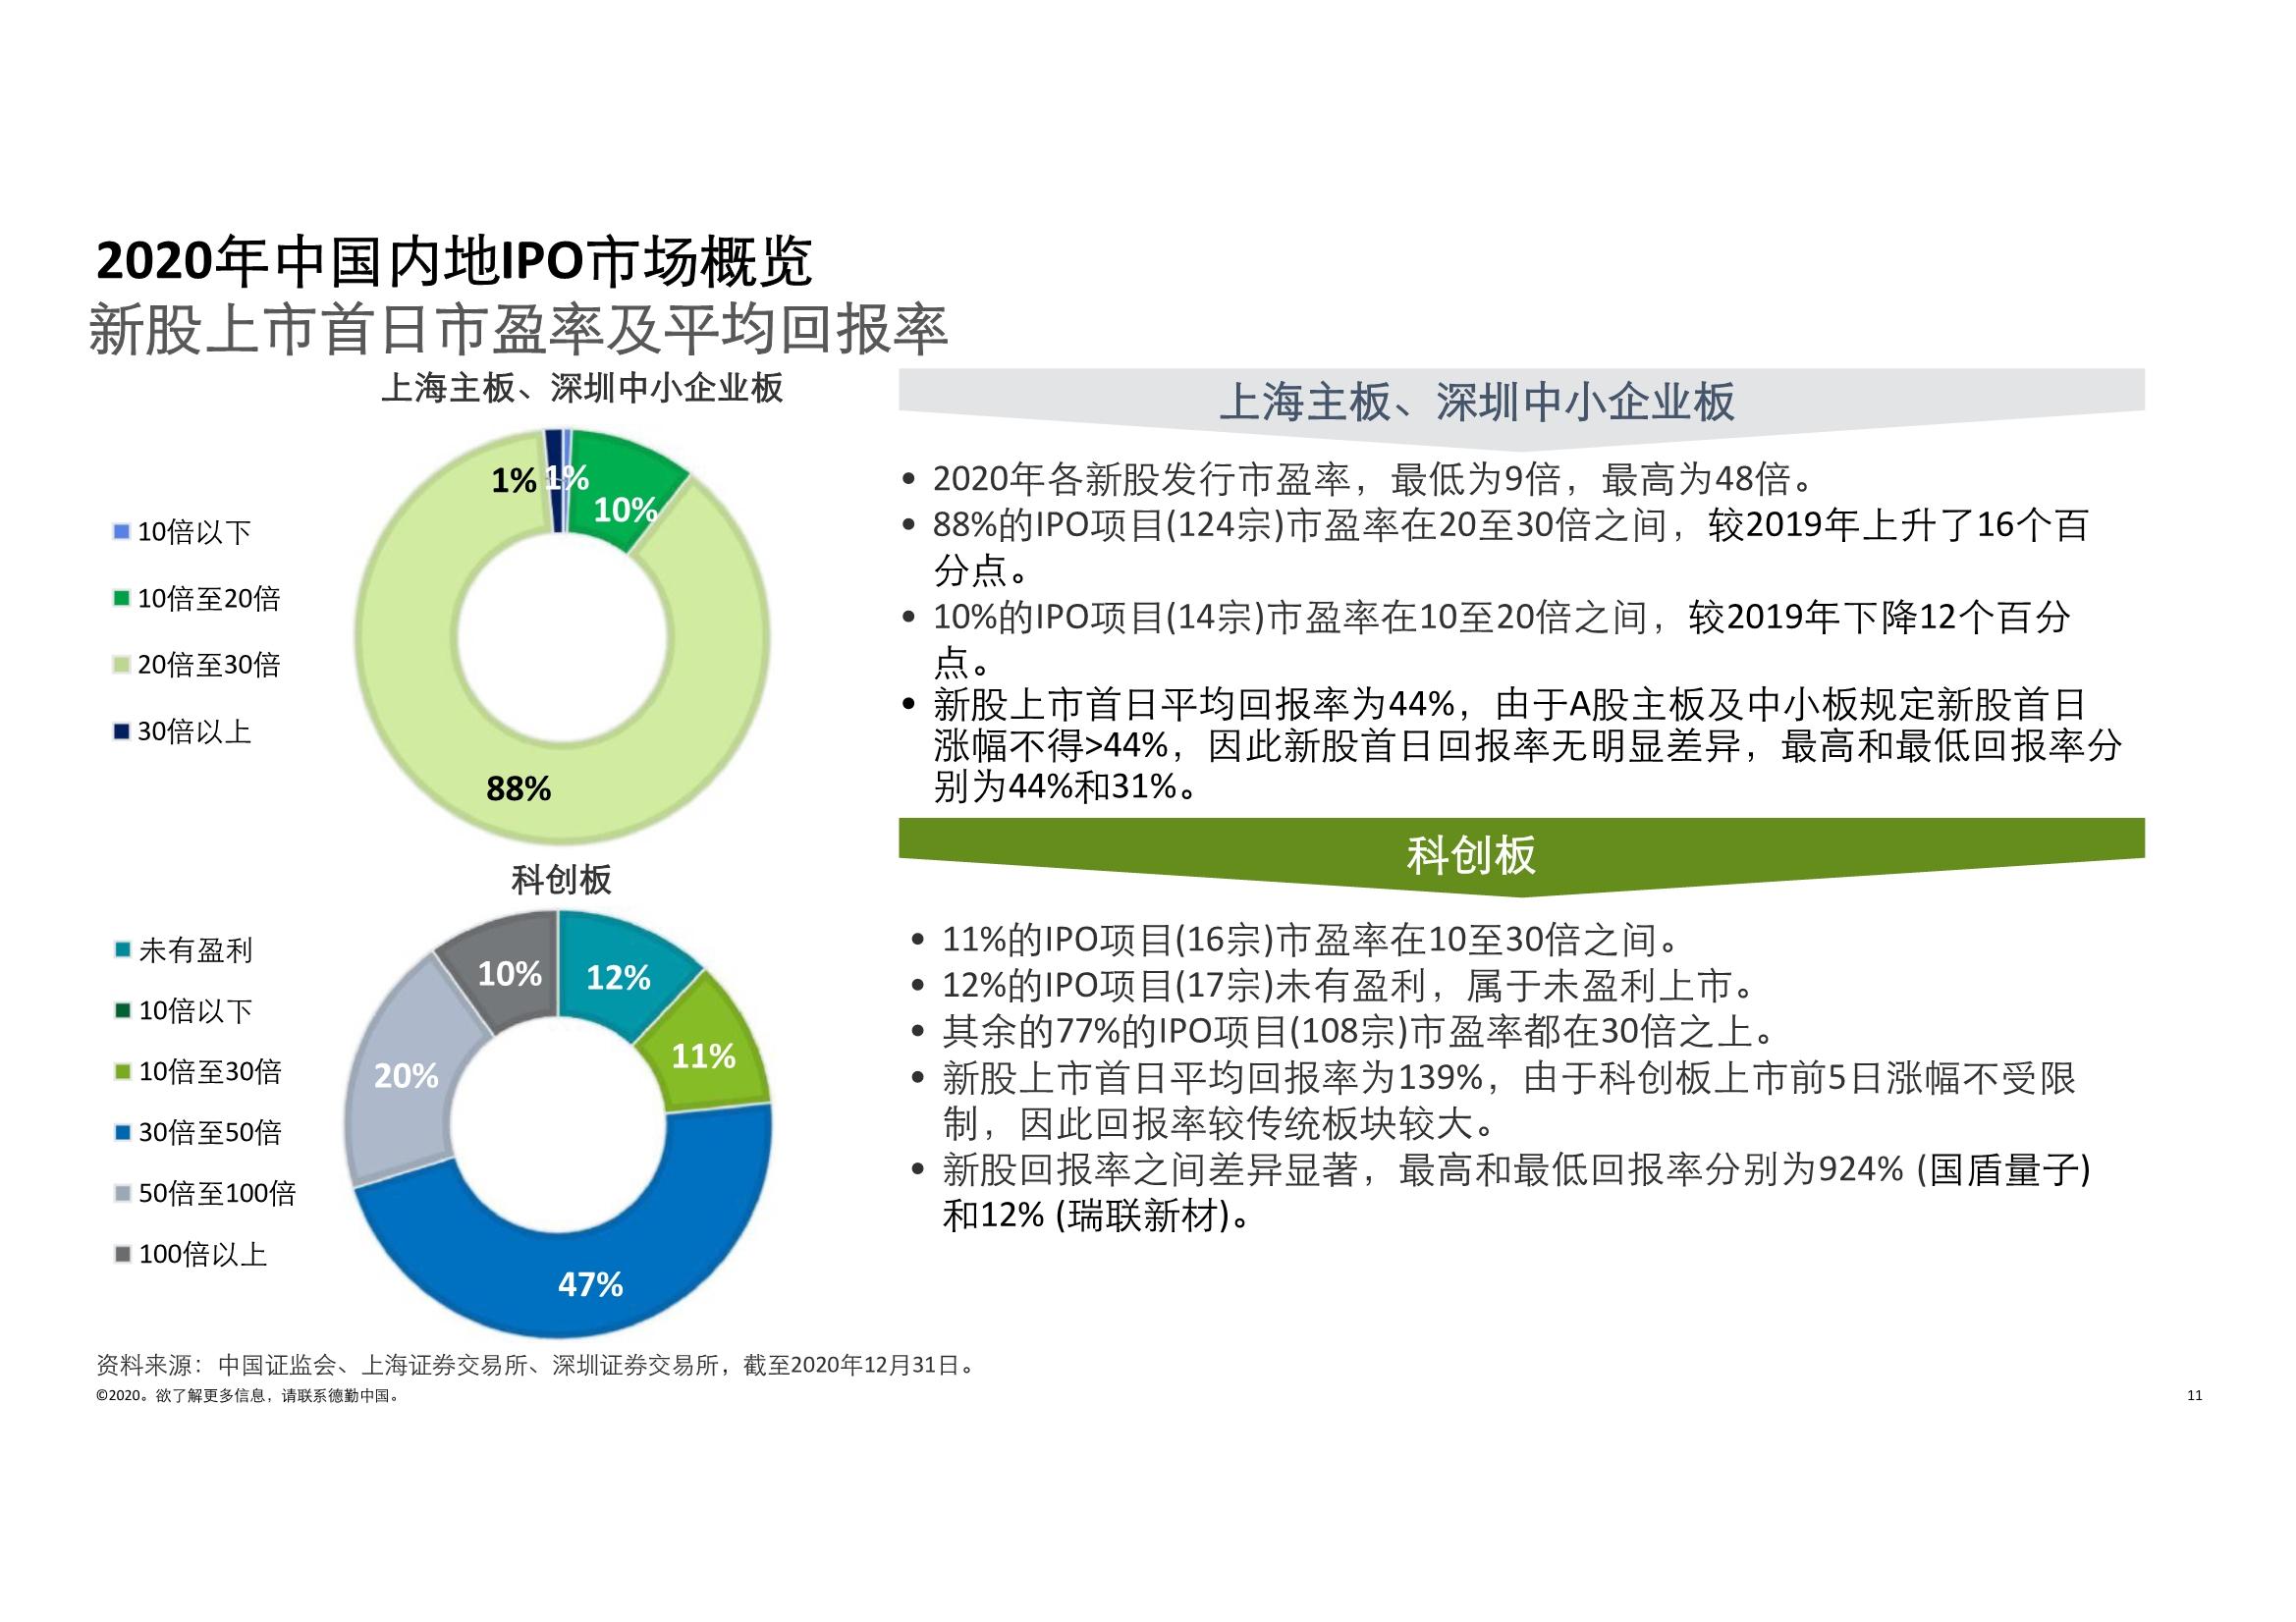 德勤中国内地及香港IPO市场2020回顾与2021年前景展望